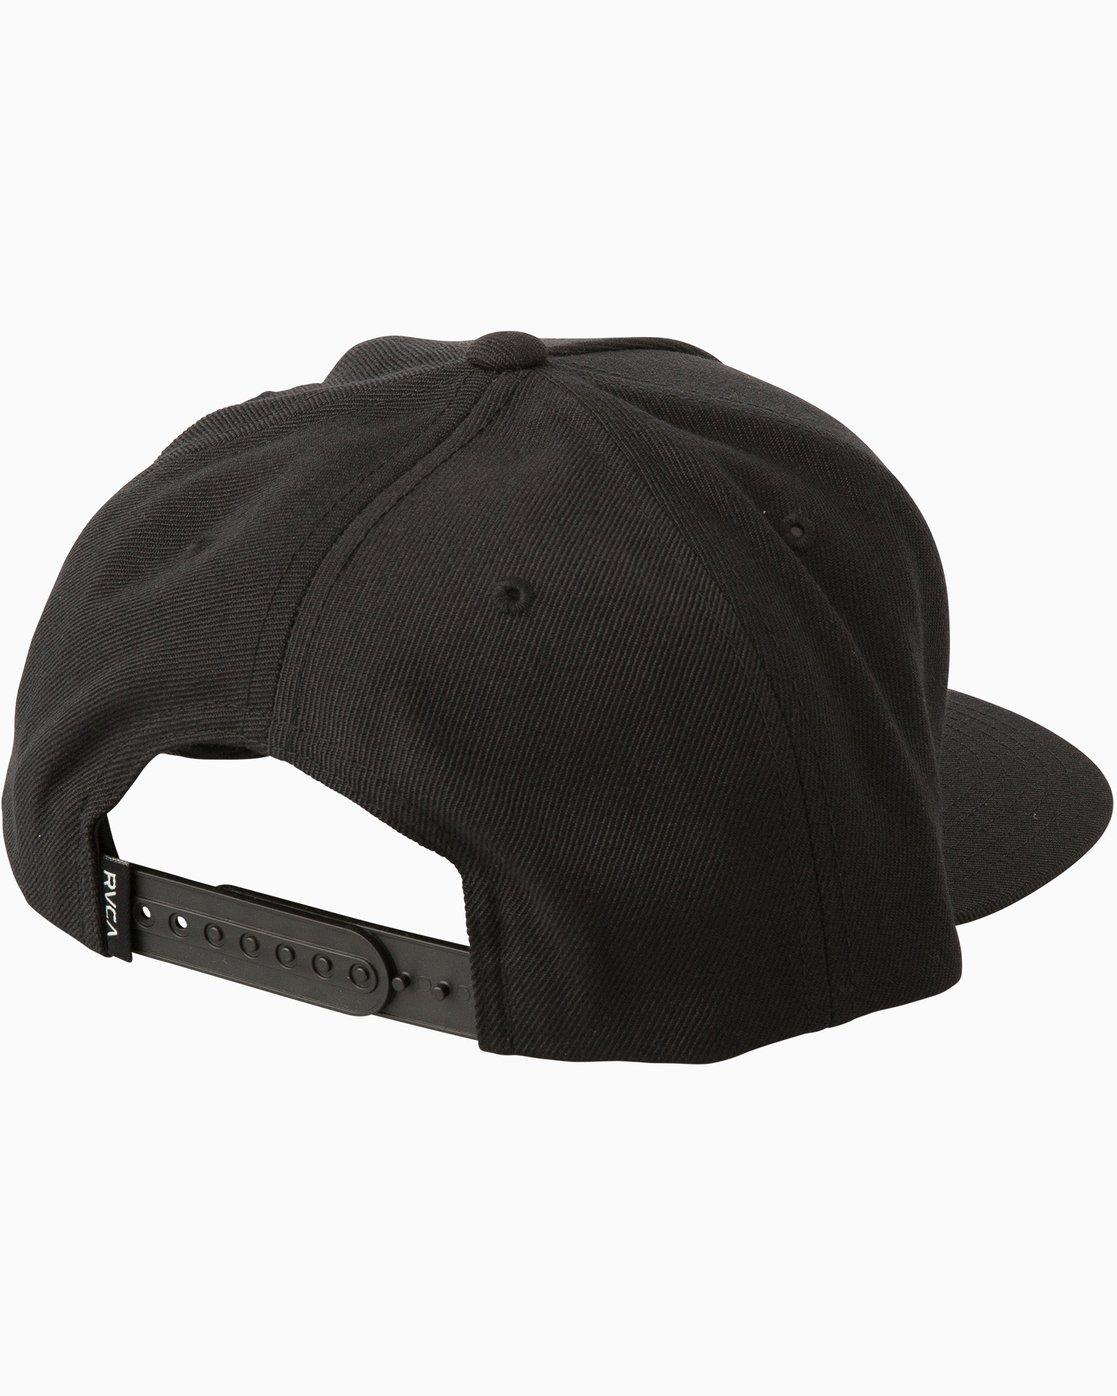 8b40ca632c7 1 Camps Snapback Hat Black MAHWTRCA RVCA